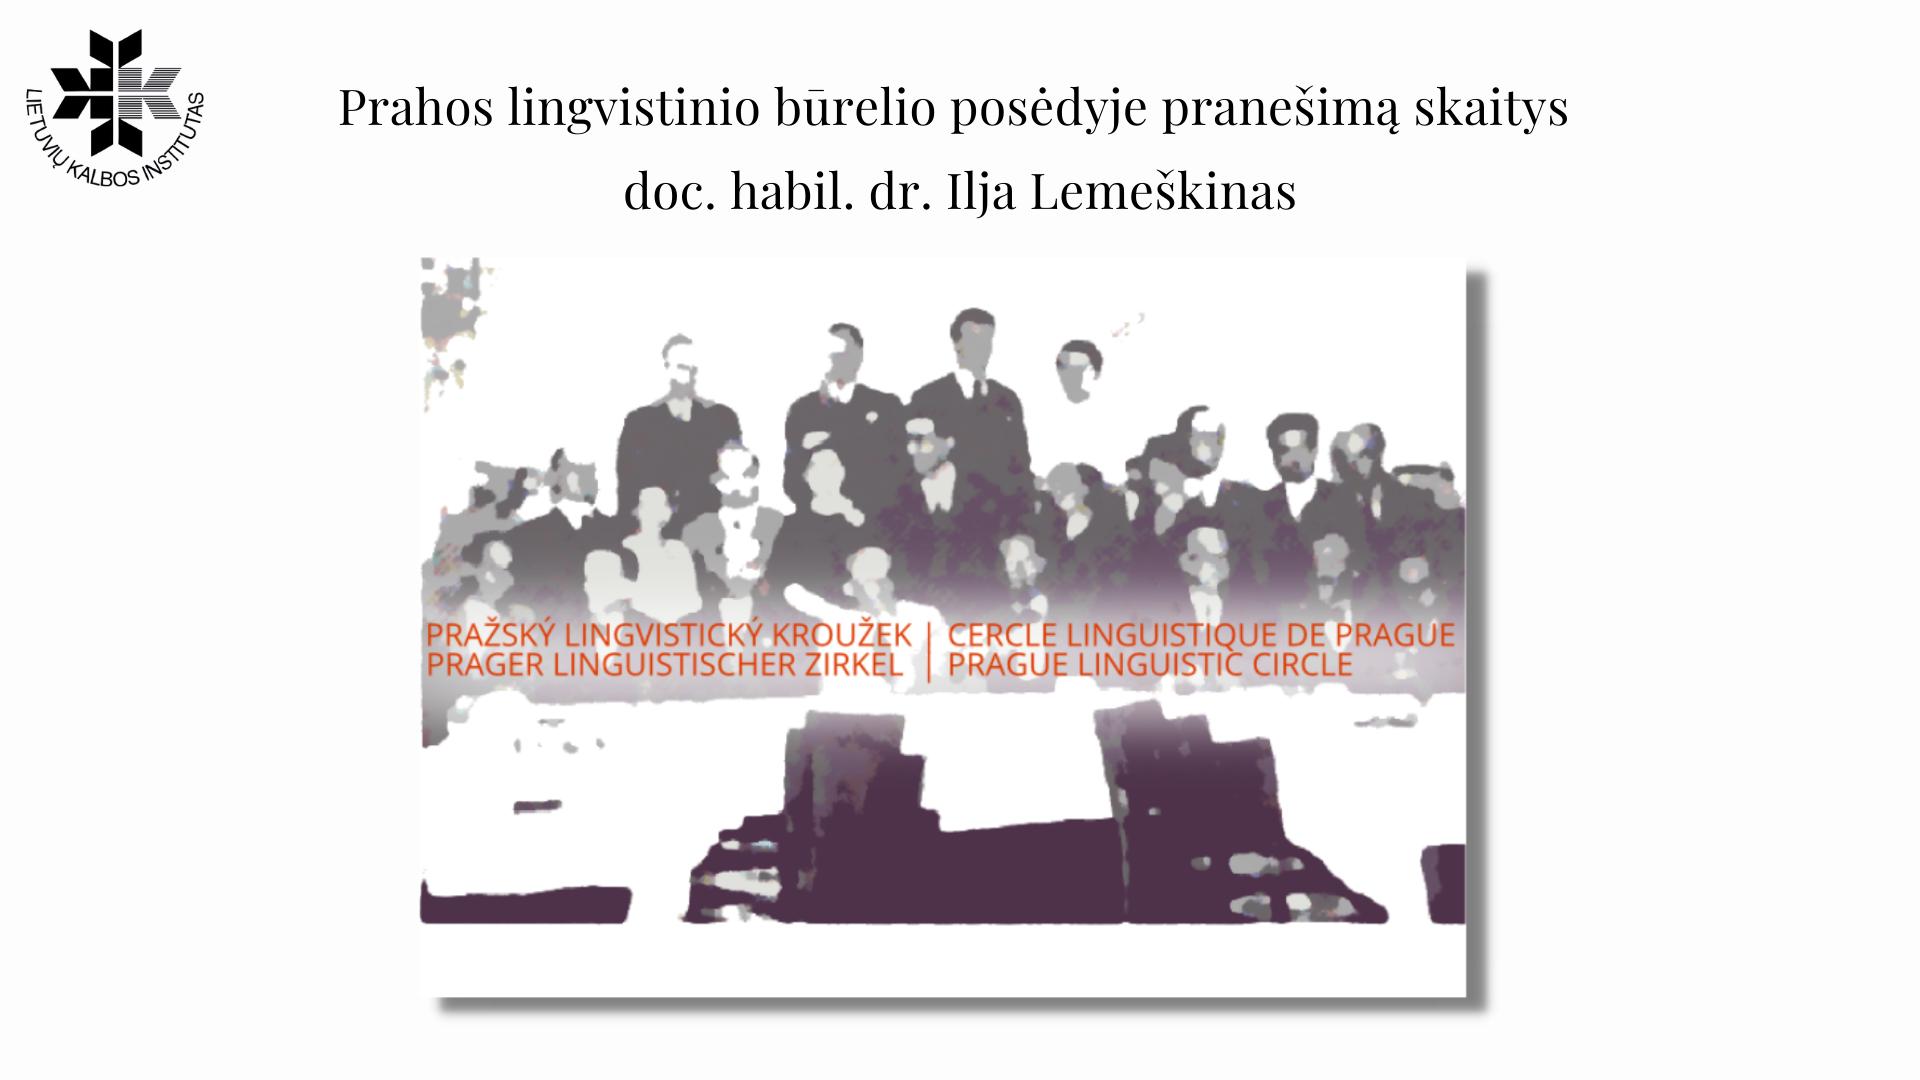 Prahos lingvistinio būrelio posėdyje pranešimą skaitys doc. habil. dr. Ilja Lemeškinas